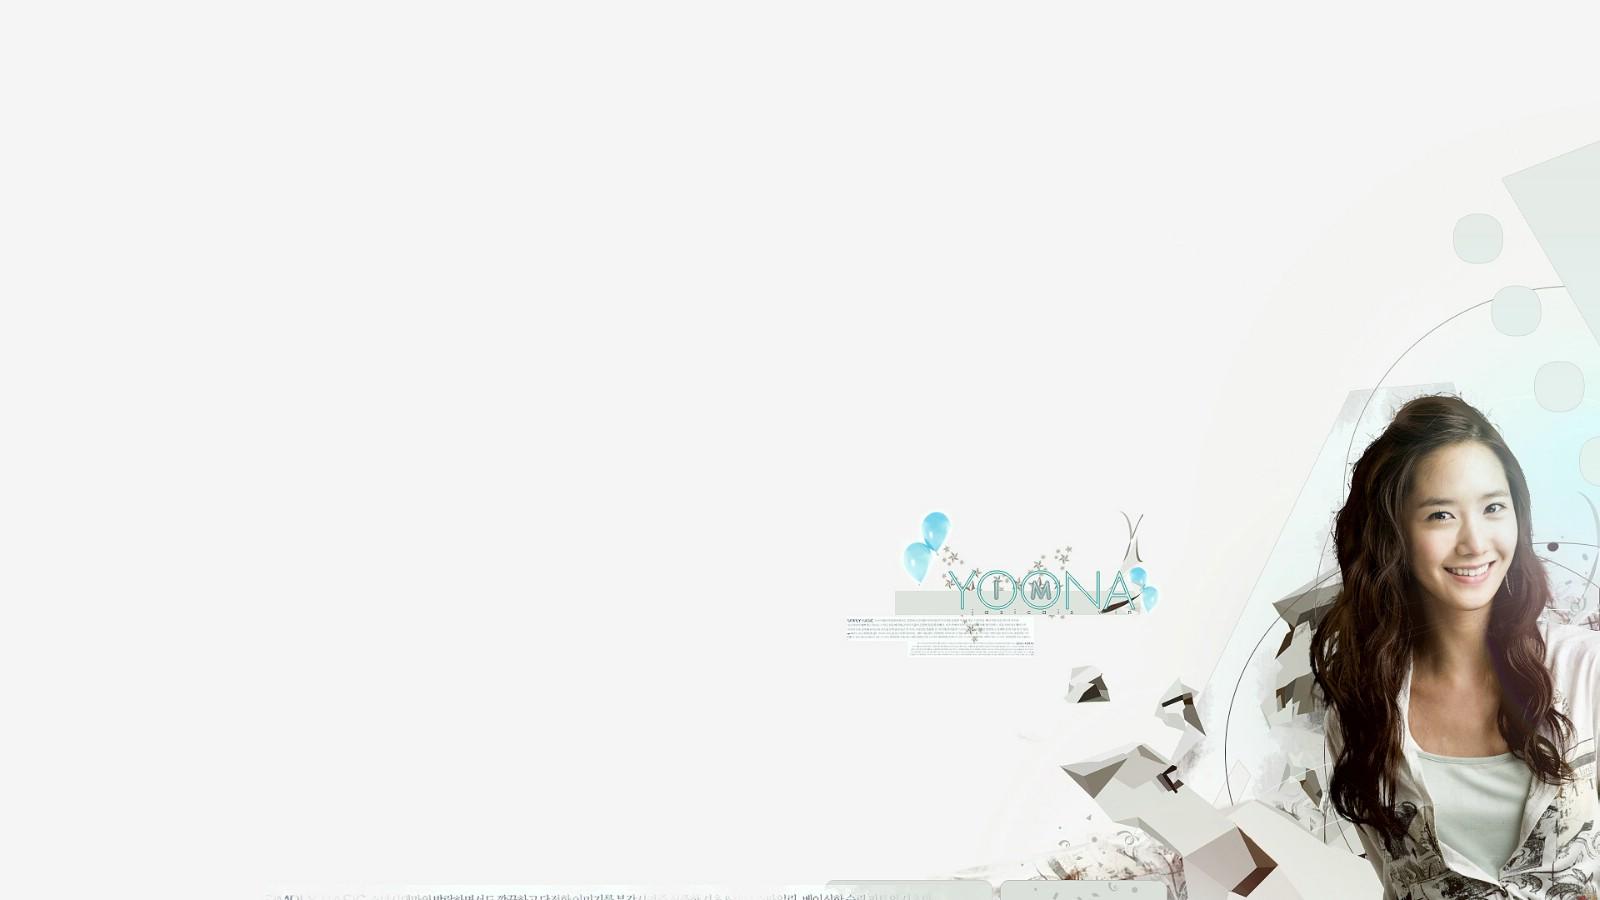 壁纸1600×900精选绝色人物壁纸壁纸 精选绝色人物壁纸壁纸图片其他壁纸其他图片素材桌面壁纸